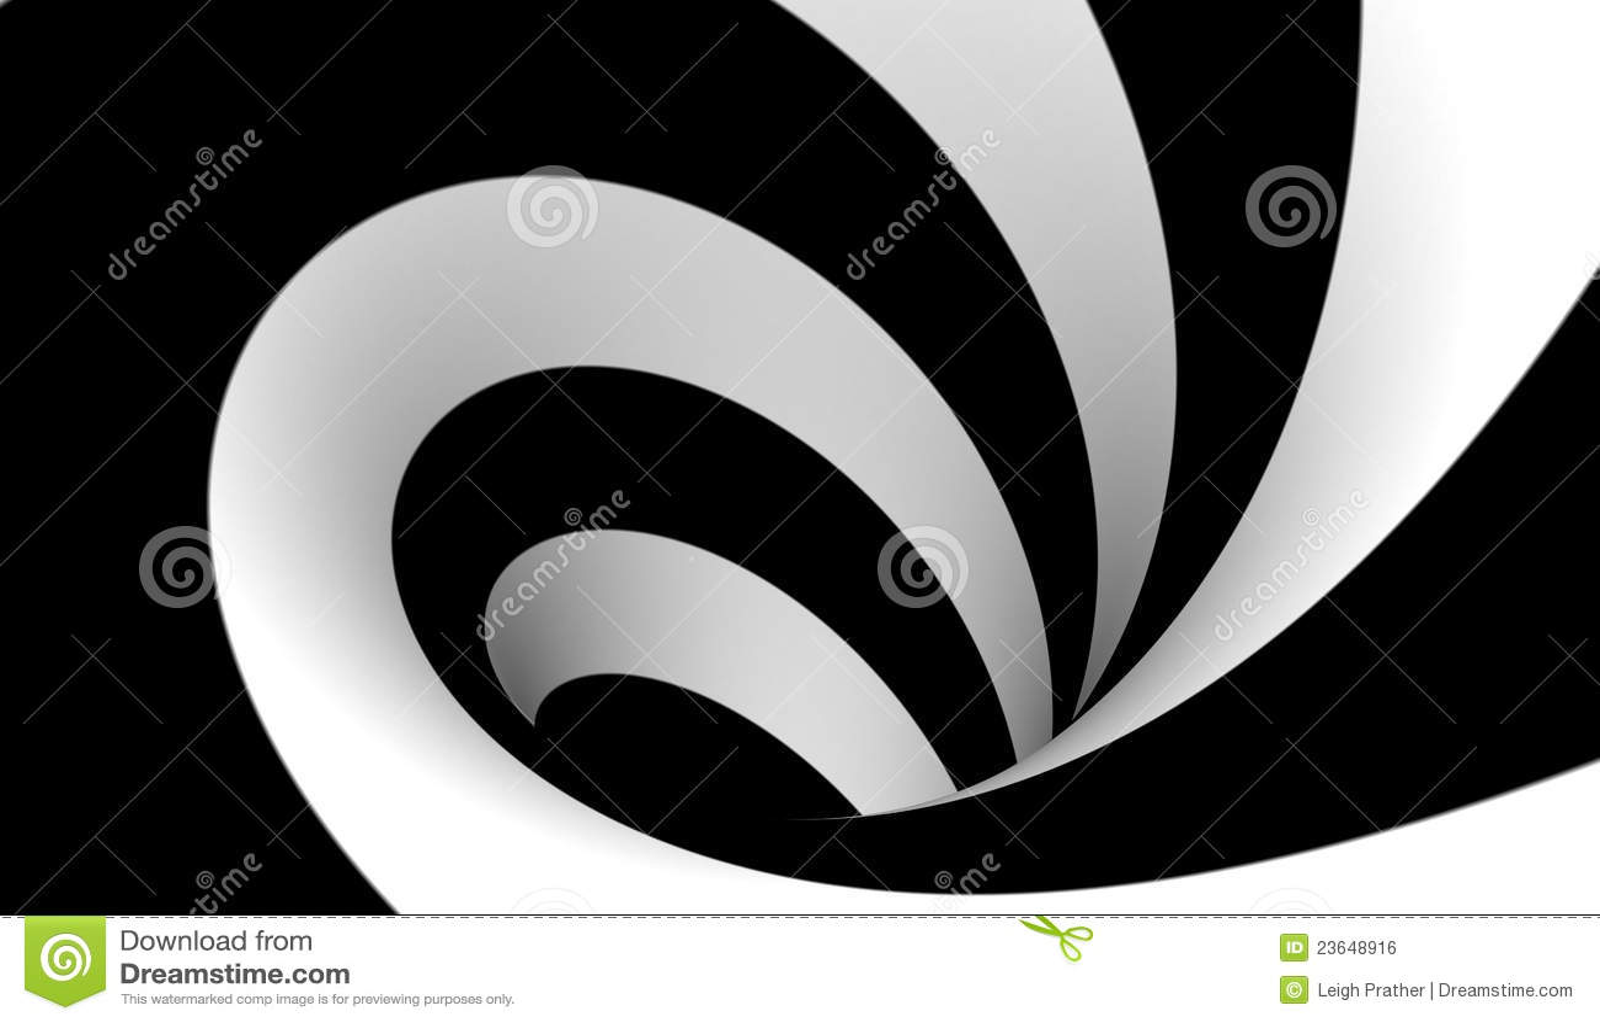 Espiral blanco y negro abstracto imagen de archivo libre for Aparador blanco y negro